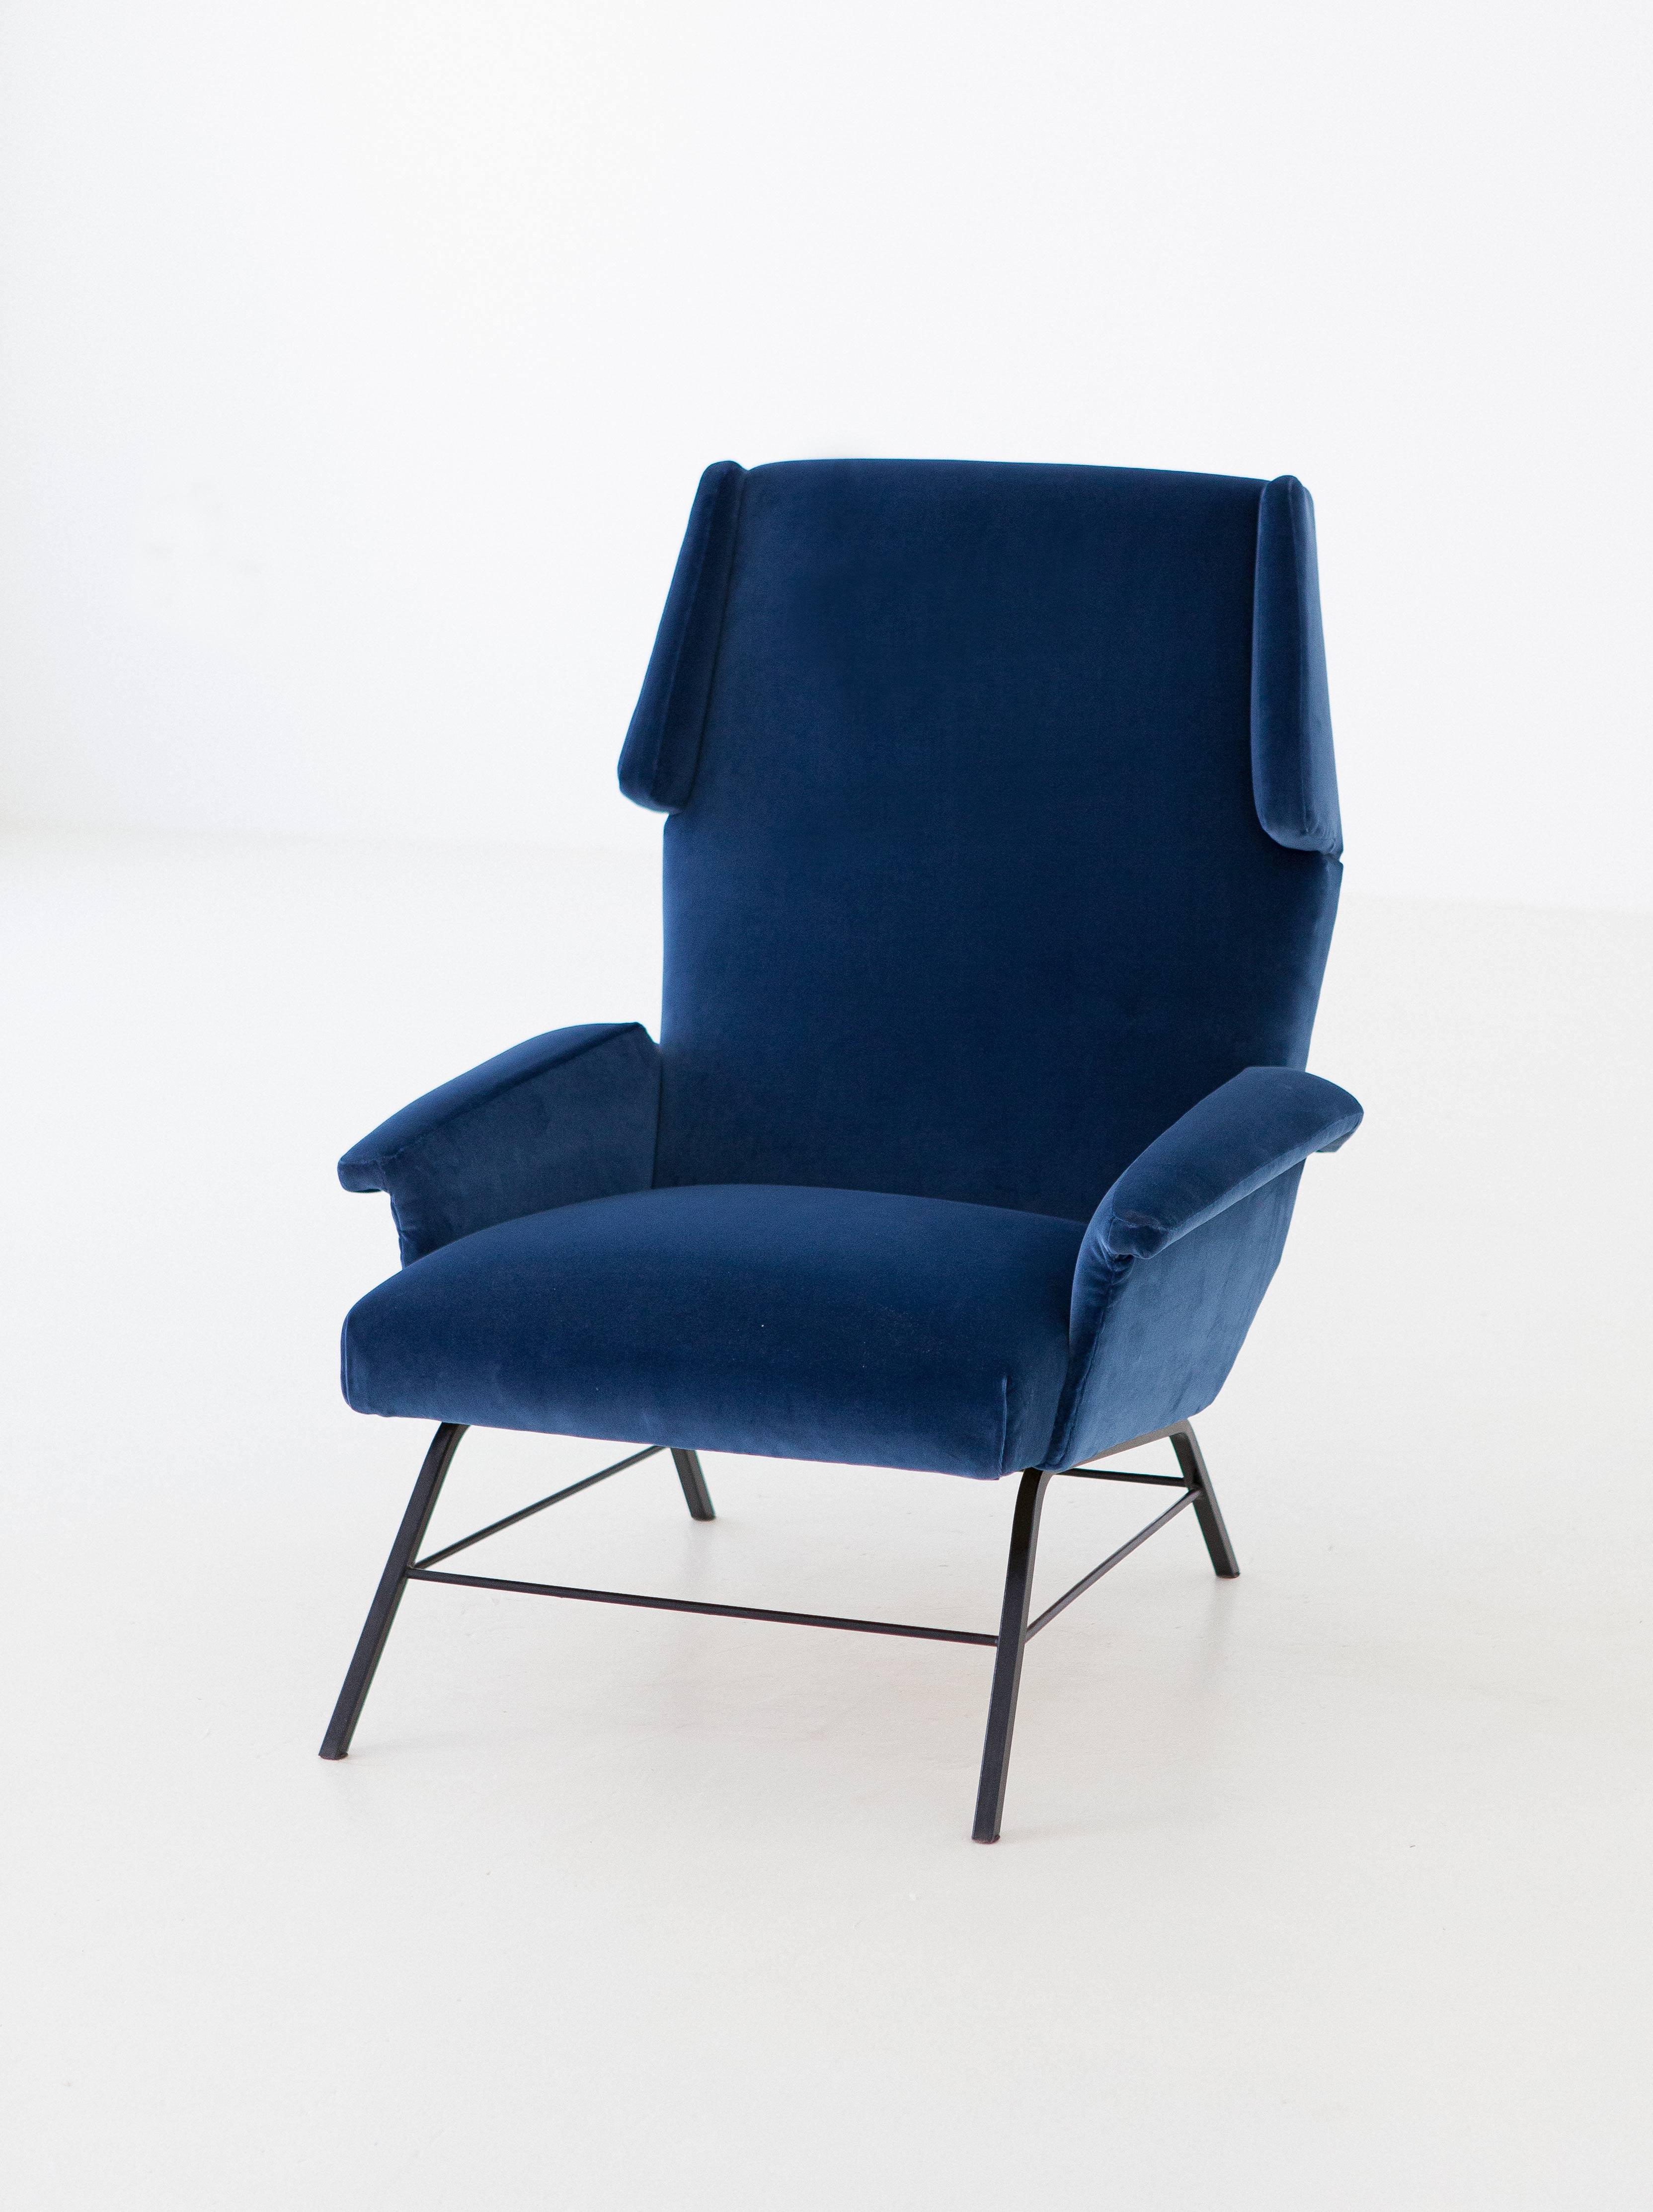 1950s-italian-blue-velvet-lounge-armchair-7-se304